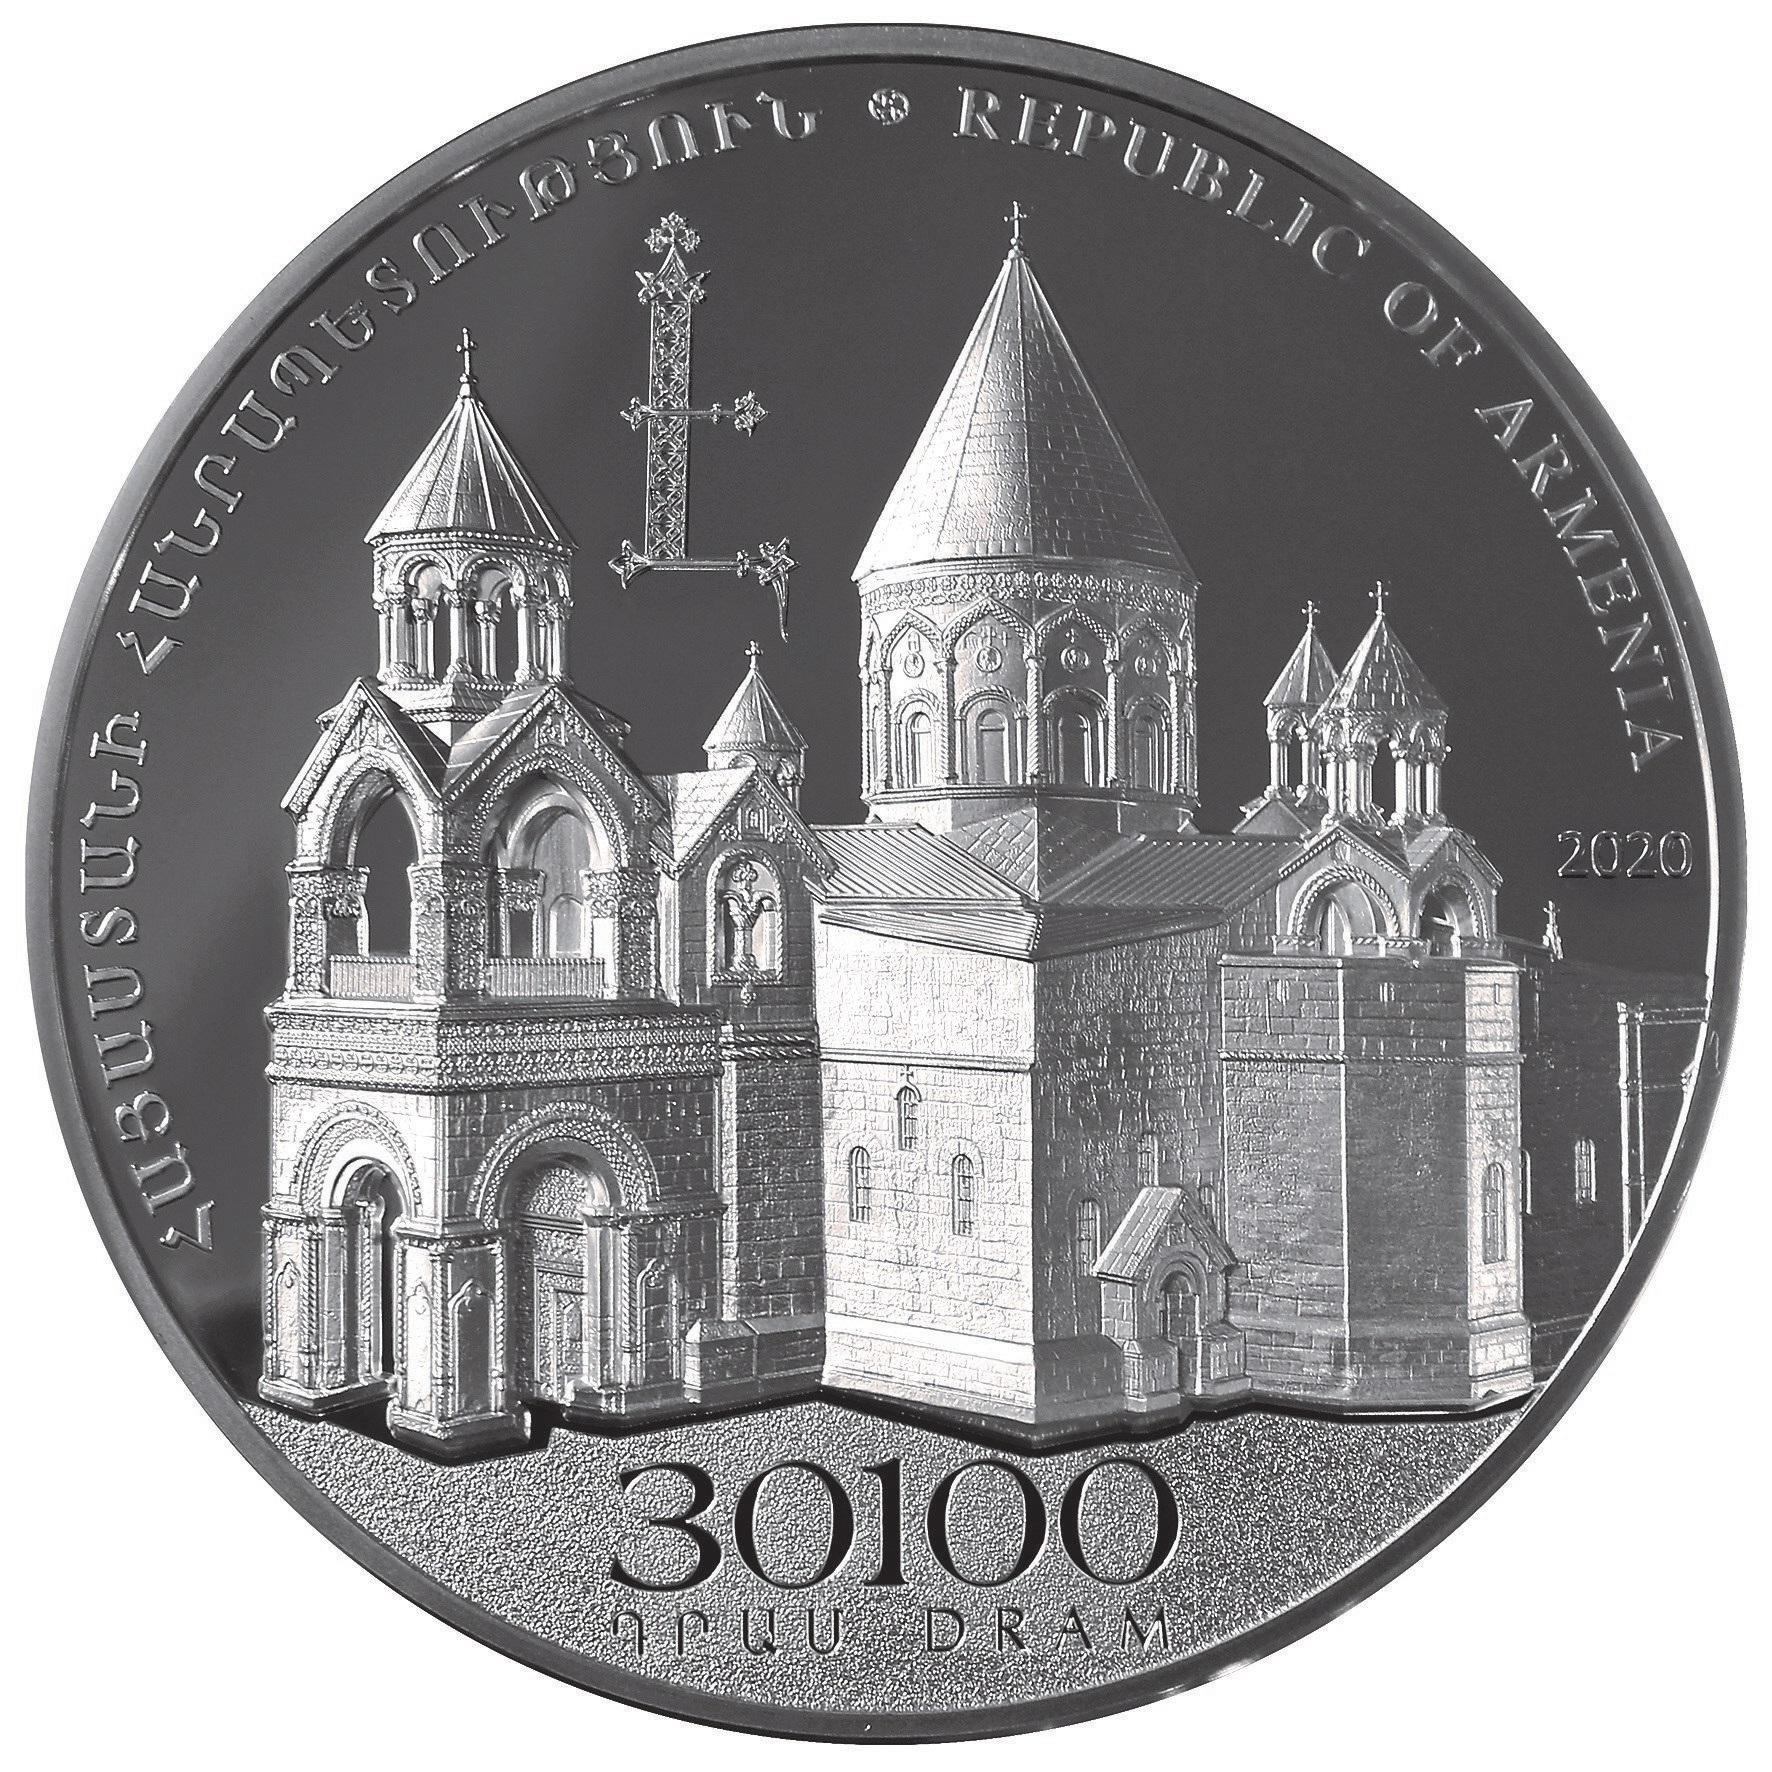 Армения монета 30100 драм Кафедральный собор Святого Эчмиадзина, аверс